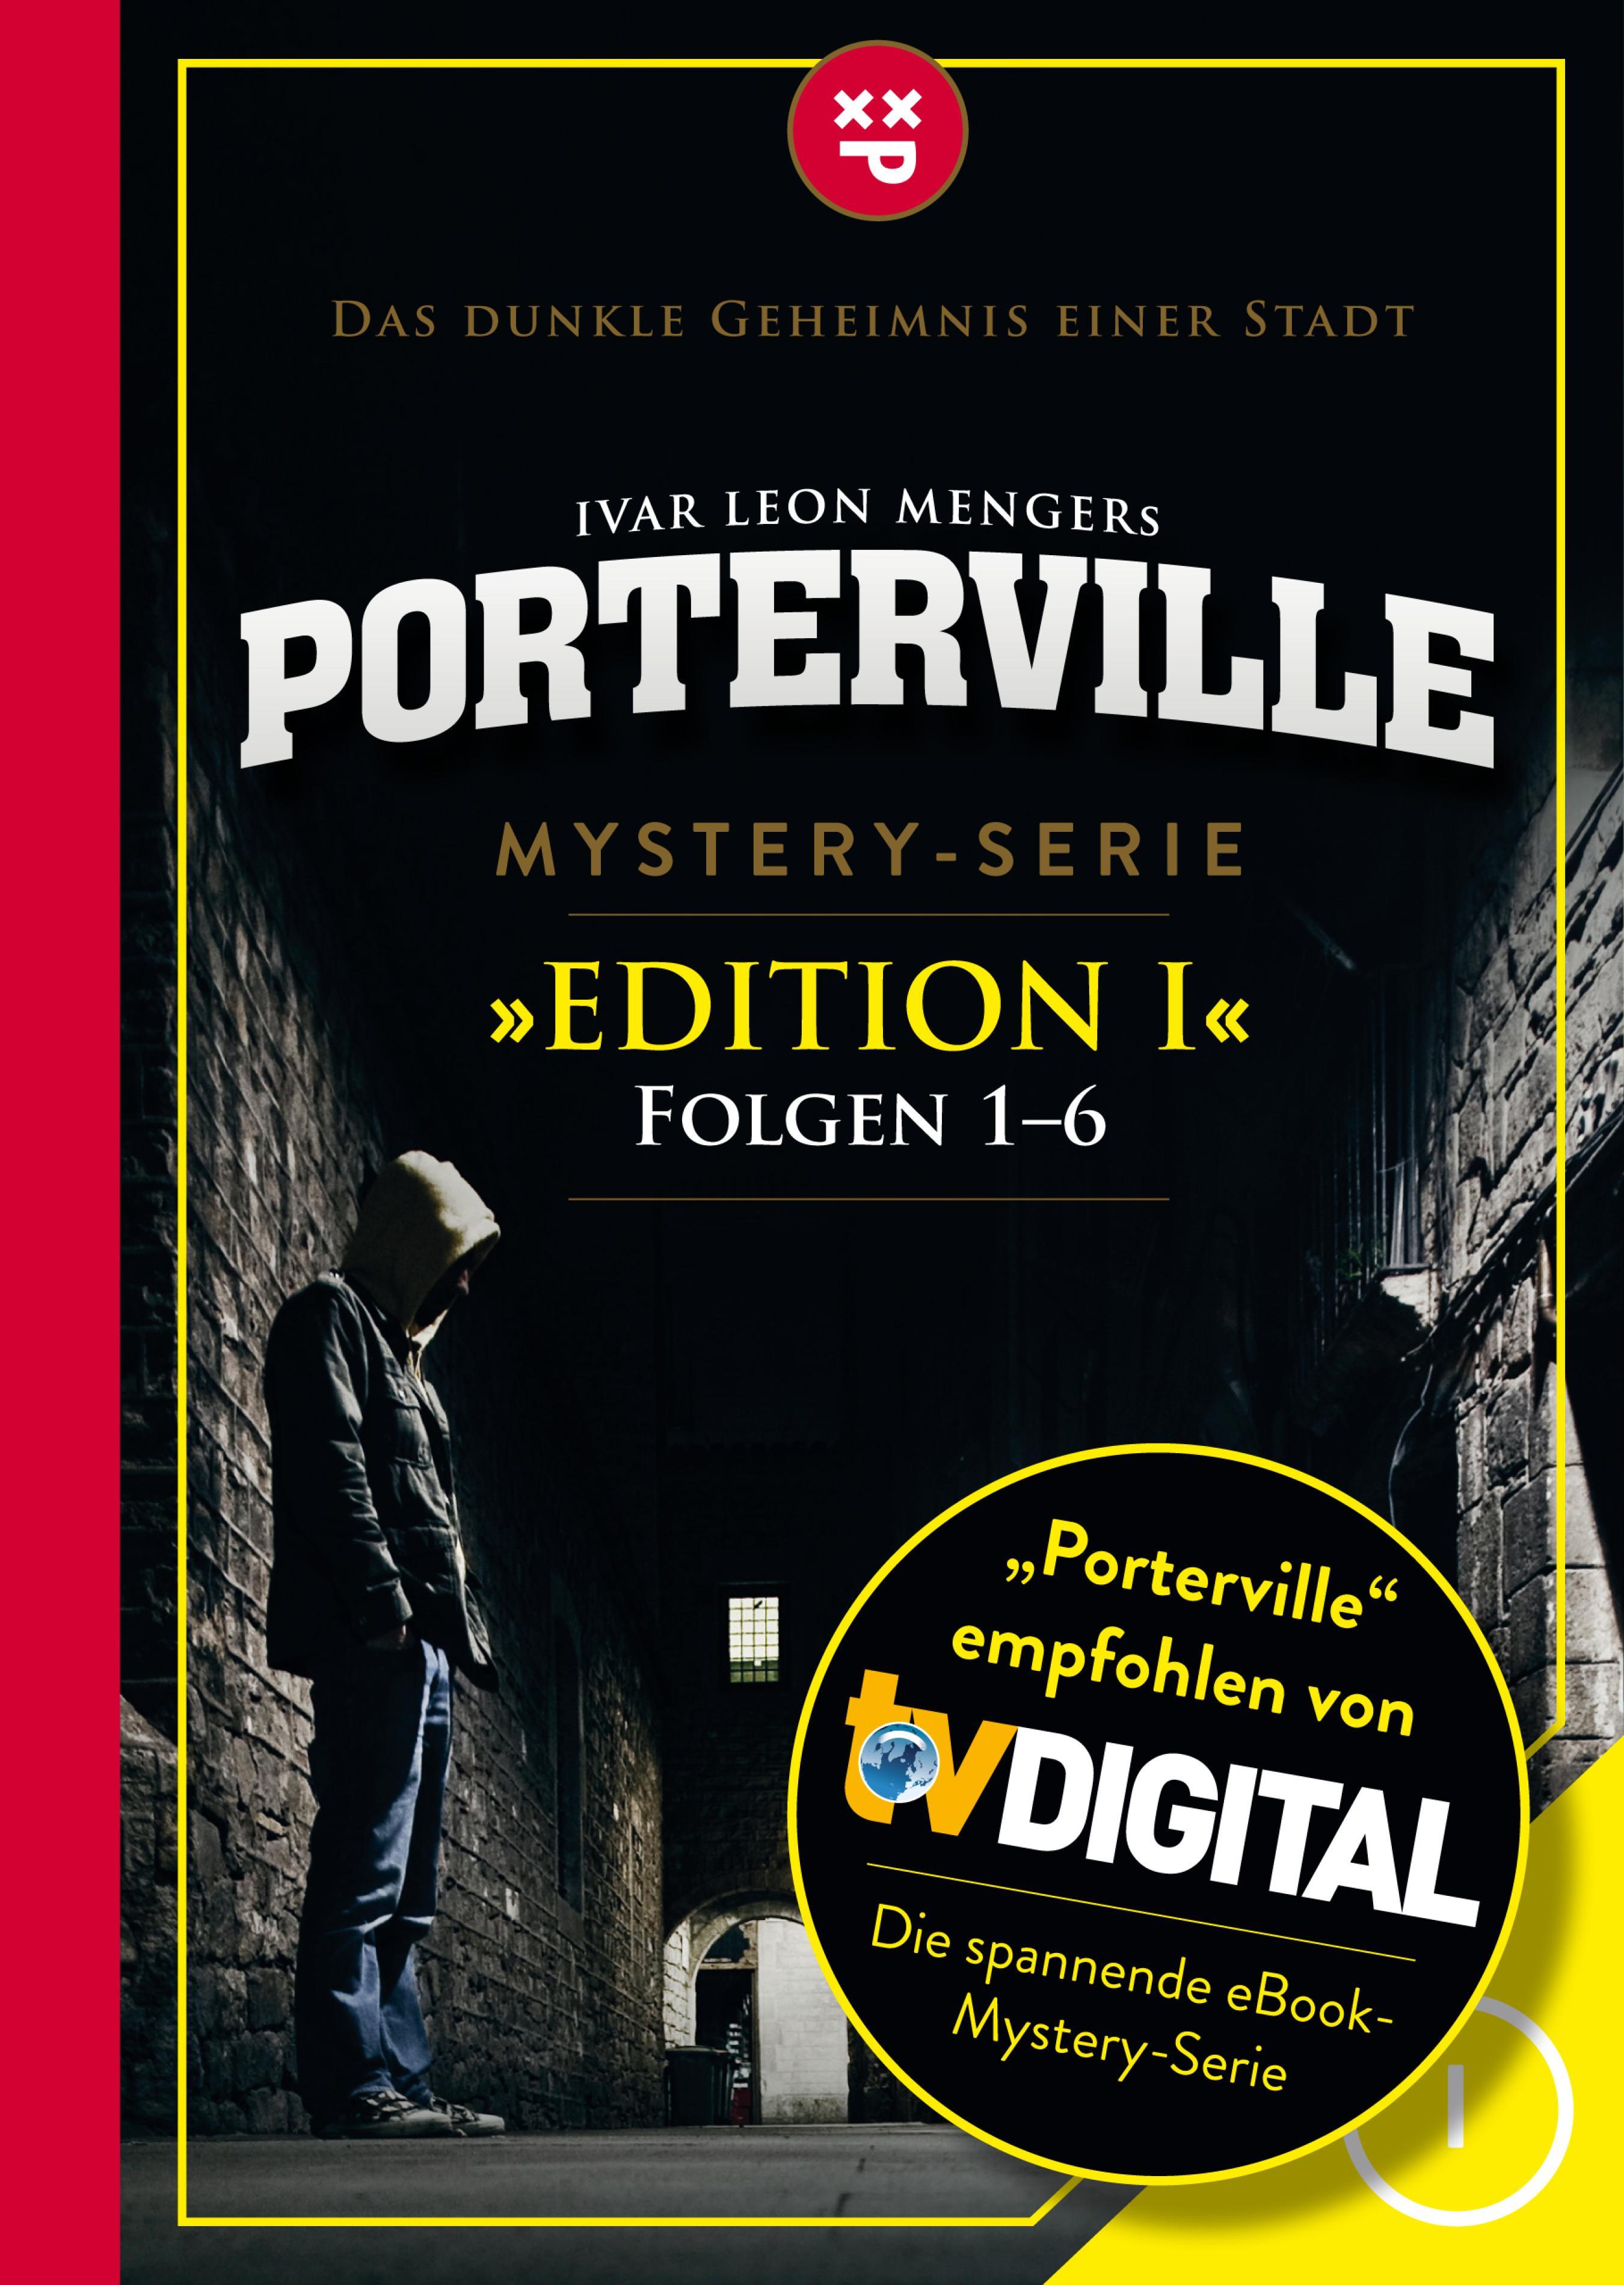 Simon X. Rost Porterville (Darkside Park) Edition I (Folgen 1-6) obzor kyrsa bitkoina otvesnyi rost 22 11 2017